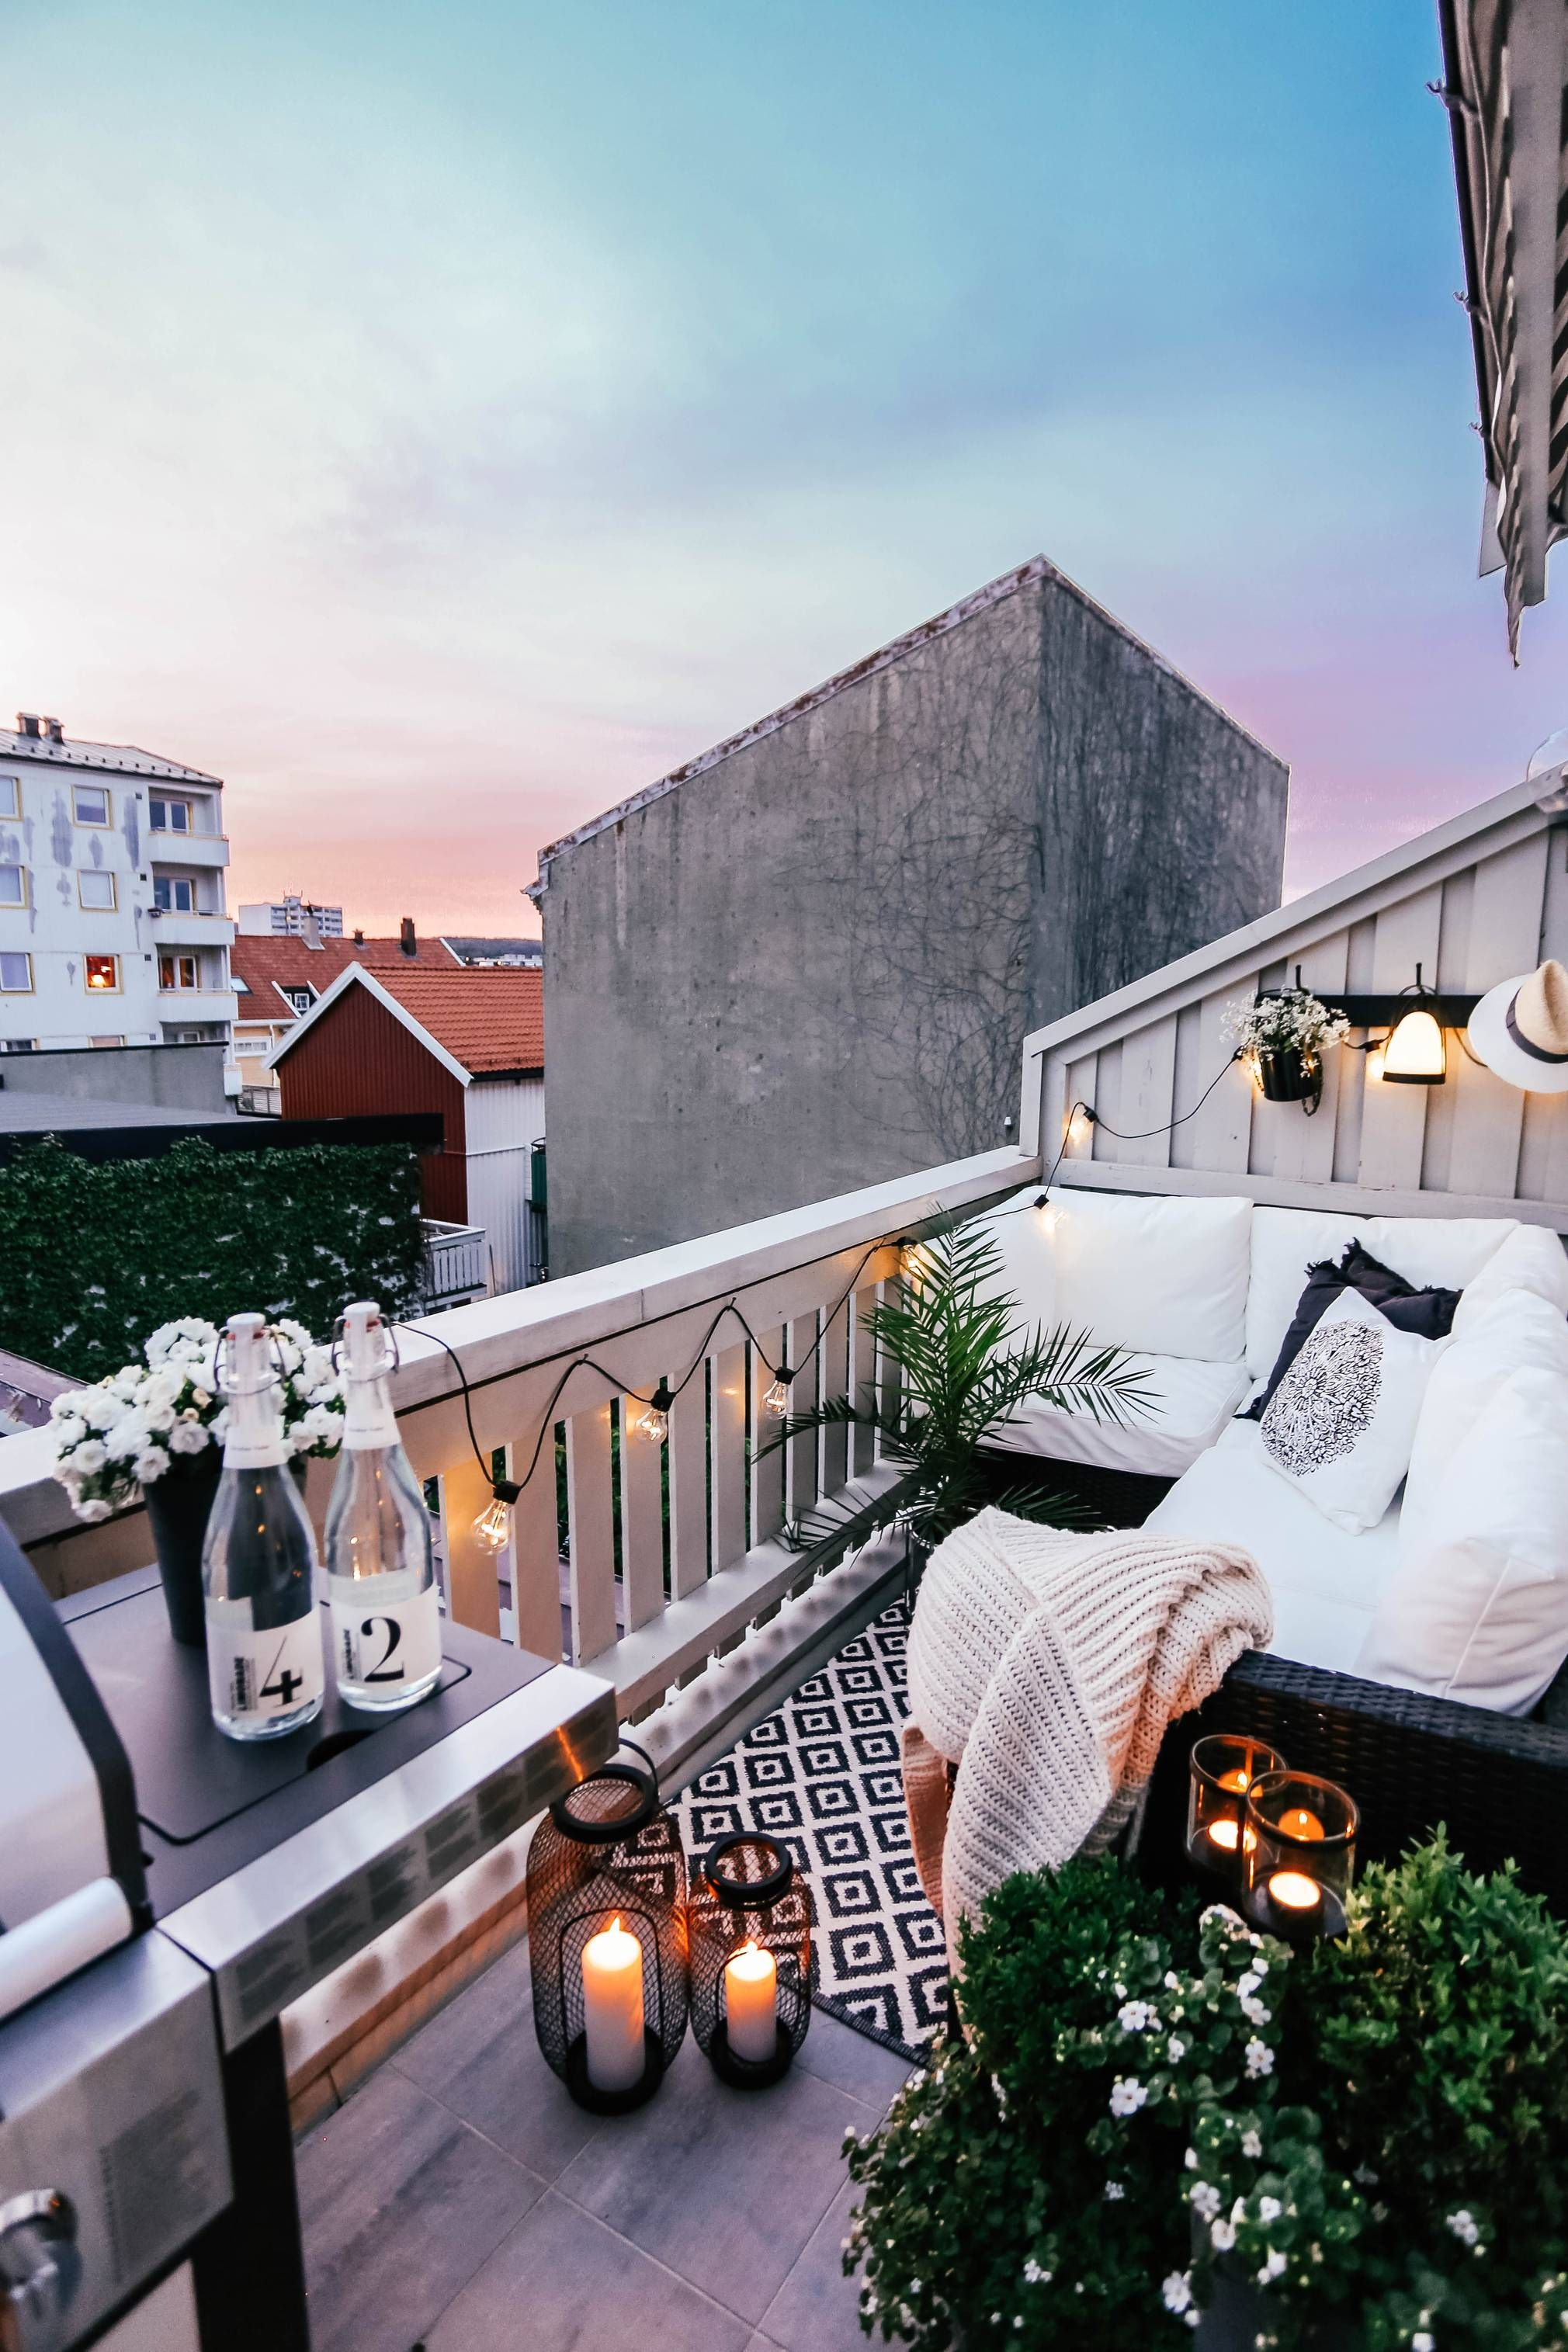 Sene Sommerkvelder Balcony Decor Cozy Patio Exterior Decor